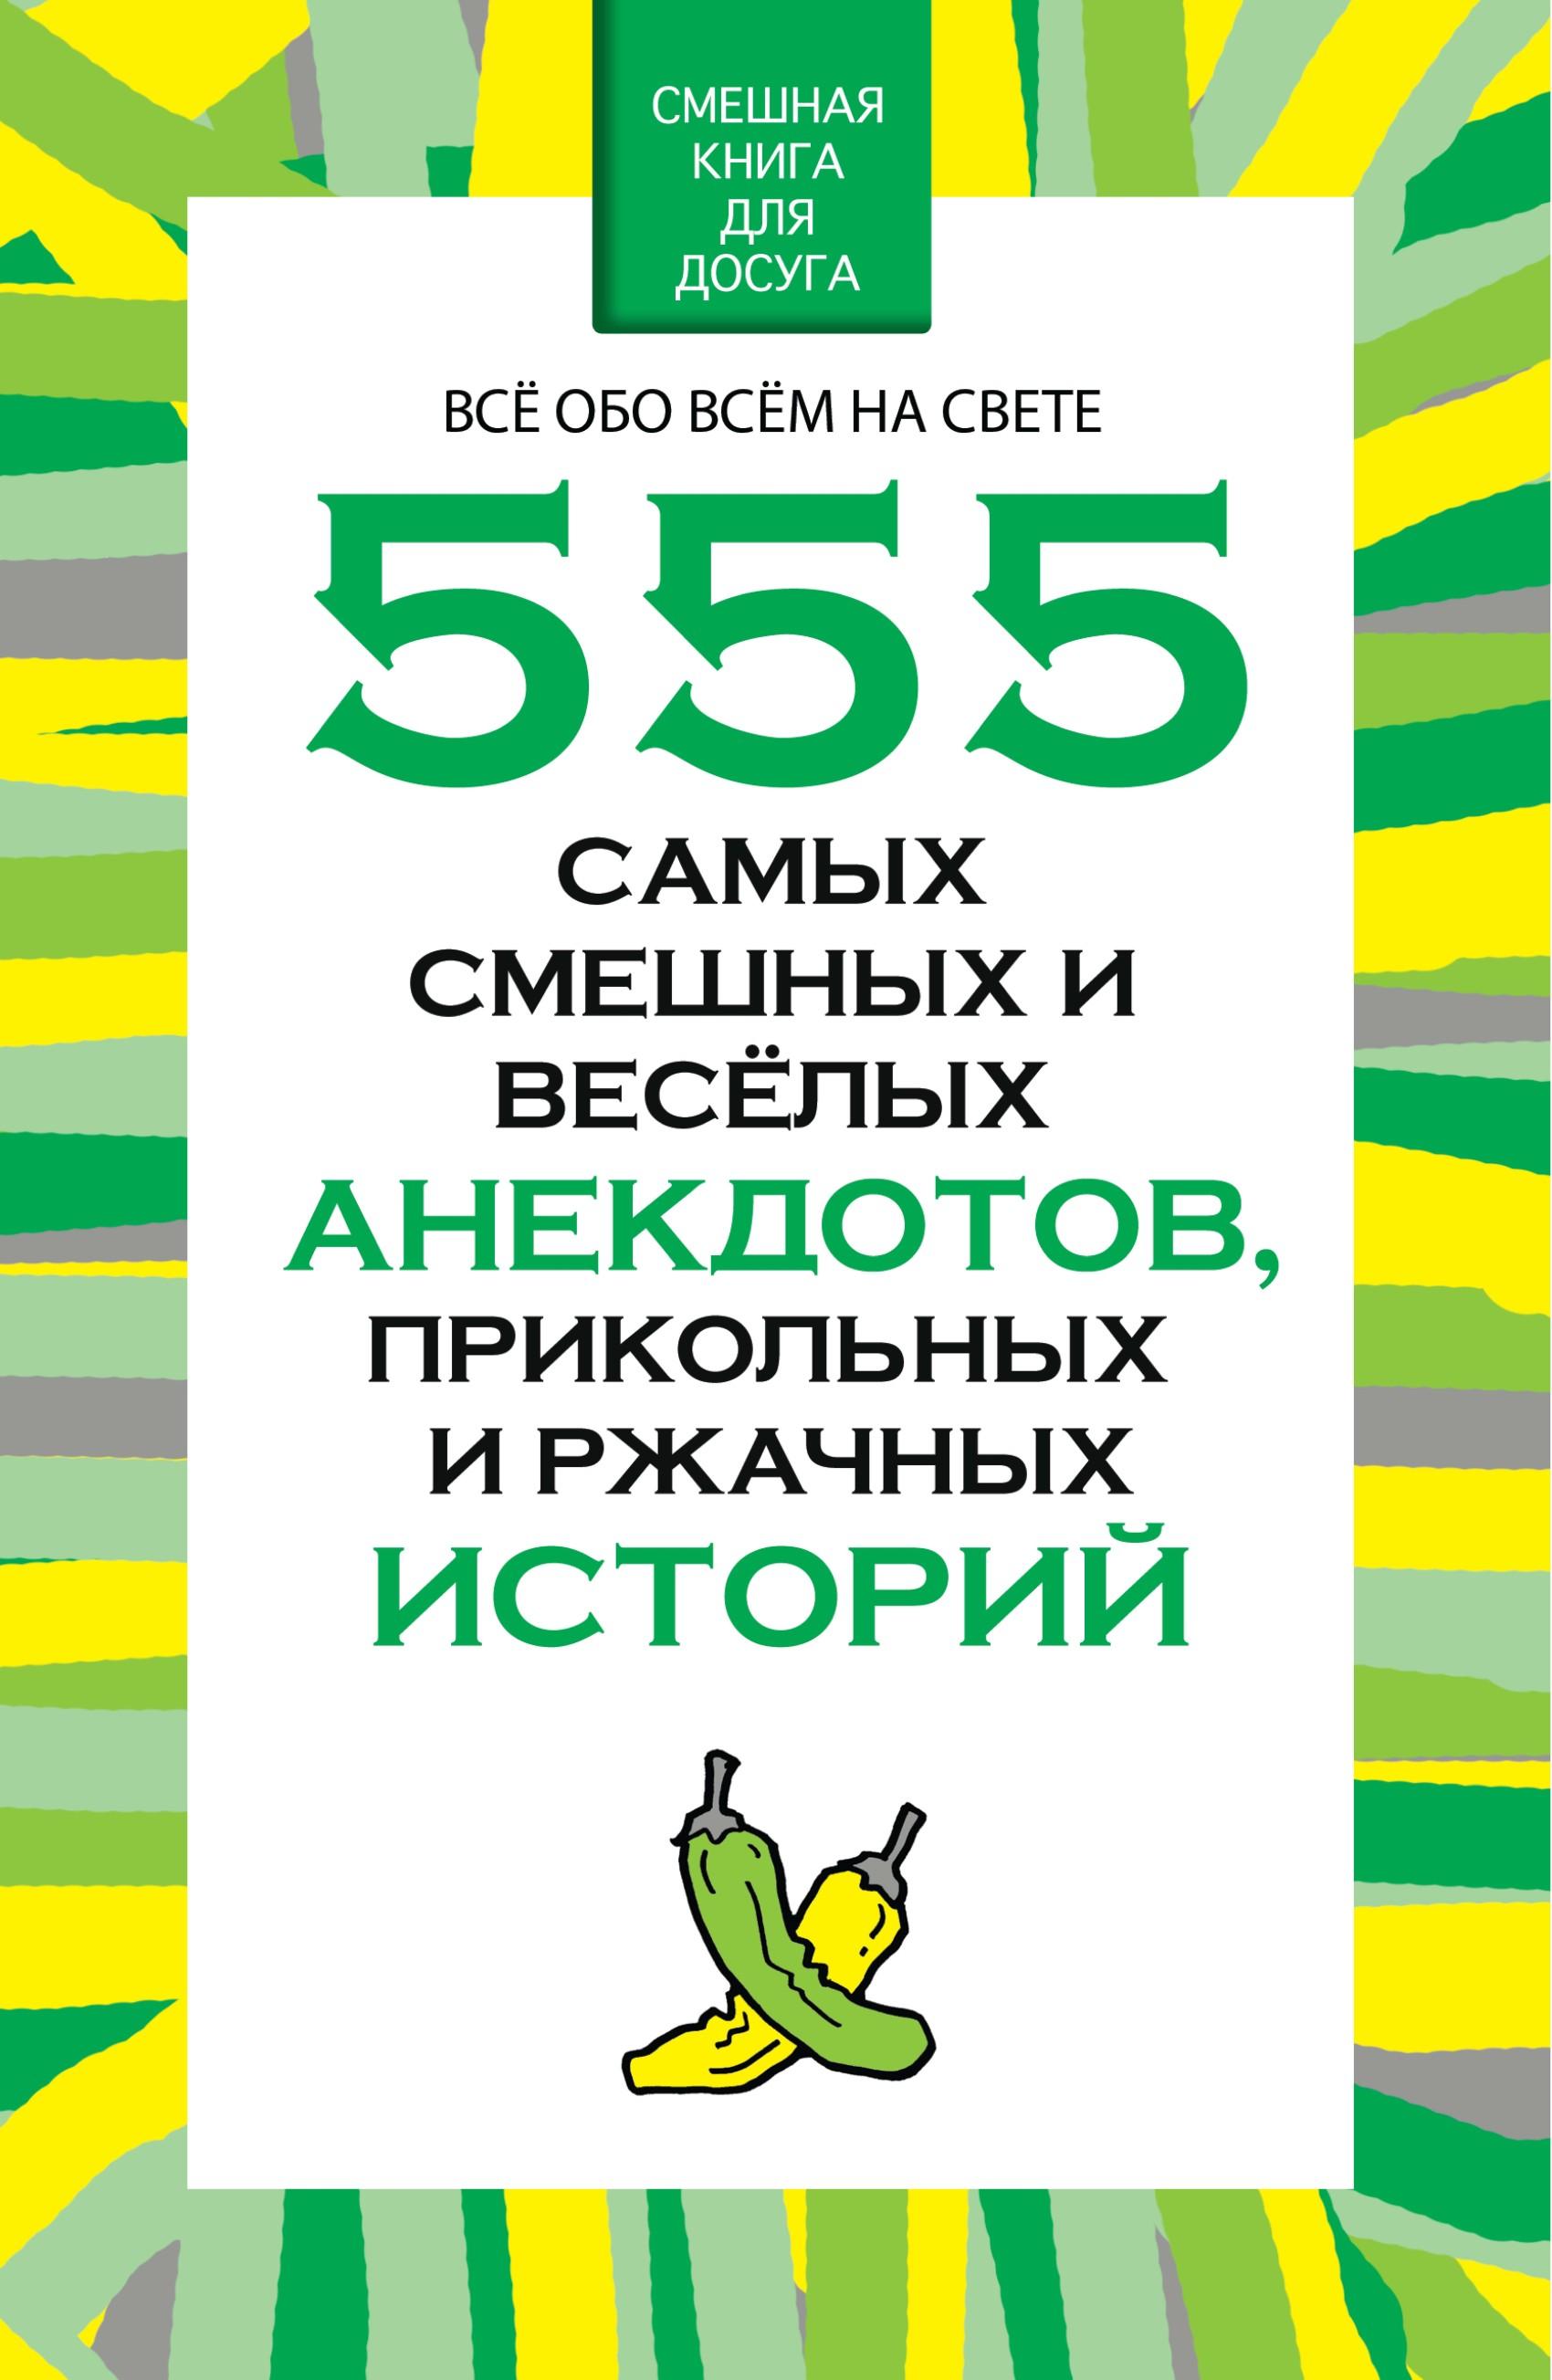 Купить книгу 555 самых смешных и веселых анекдотов, прикольных и ржачных историй, автора Н. В. Белова